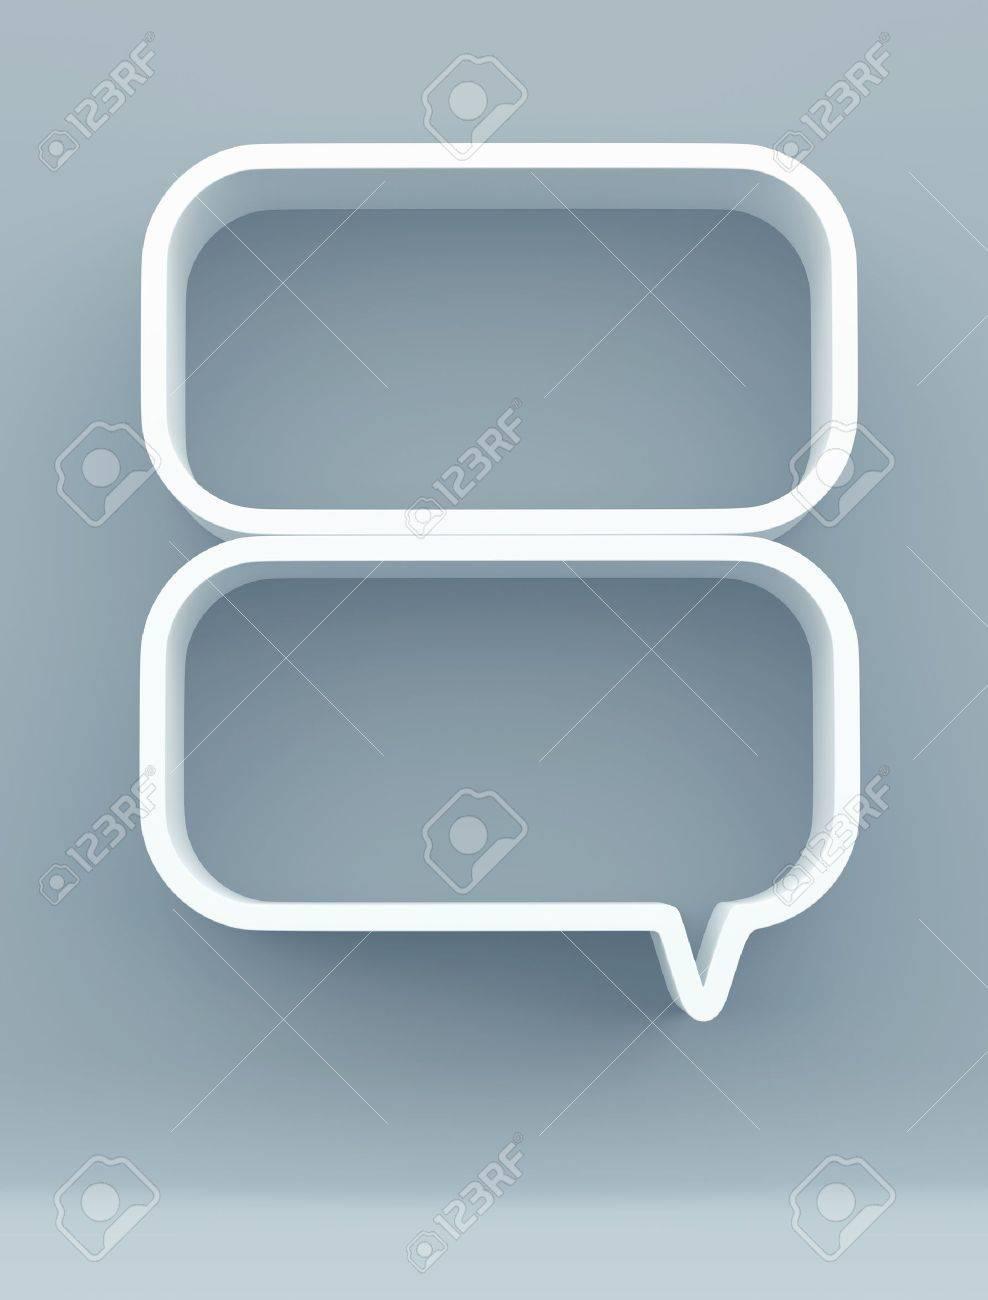 3D shelves design form bubbles speech on background - 14932190